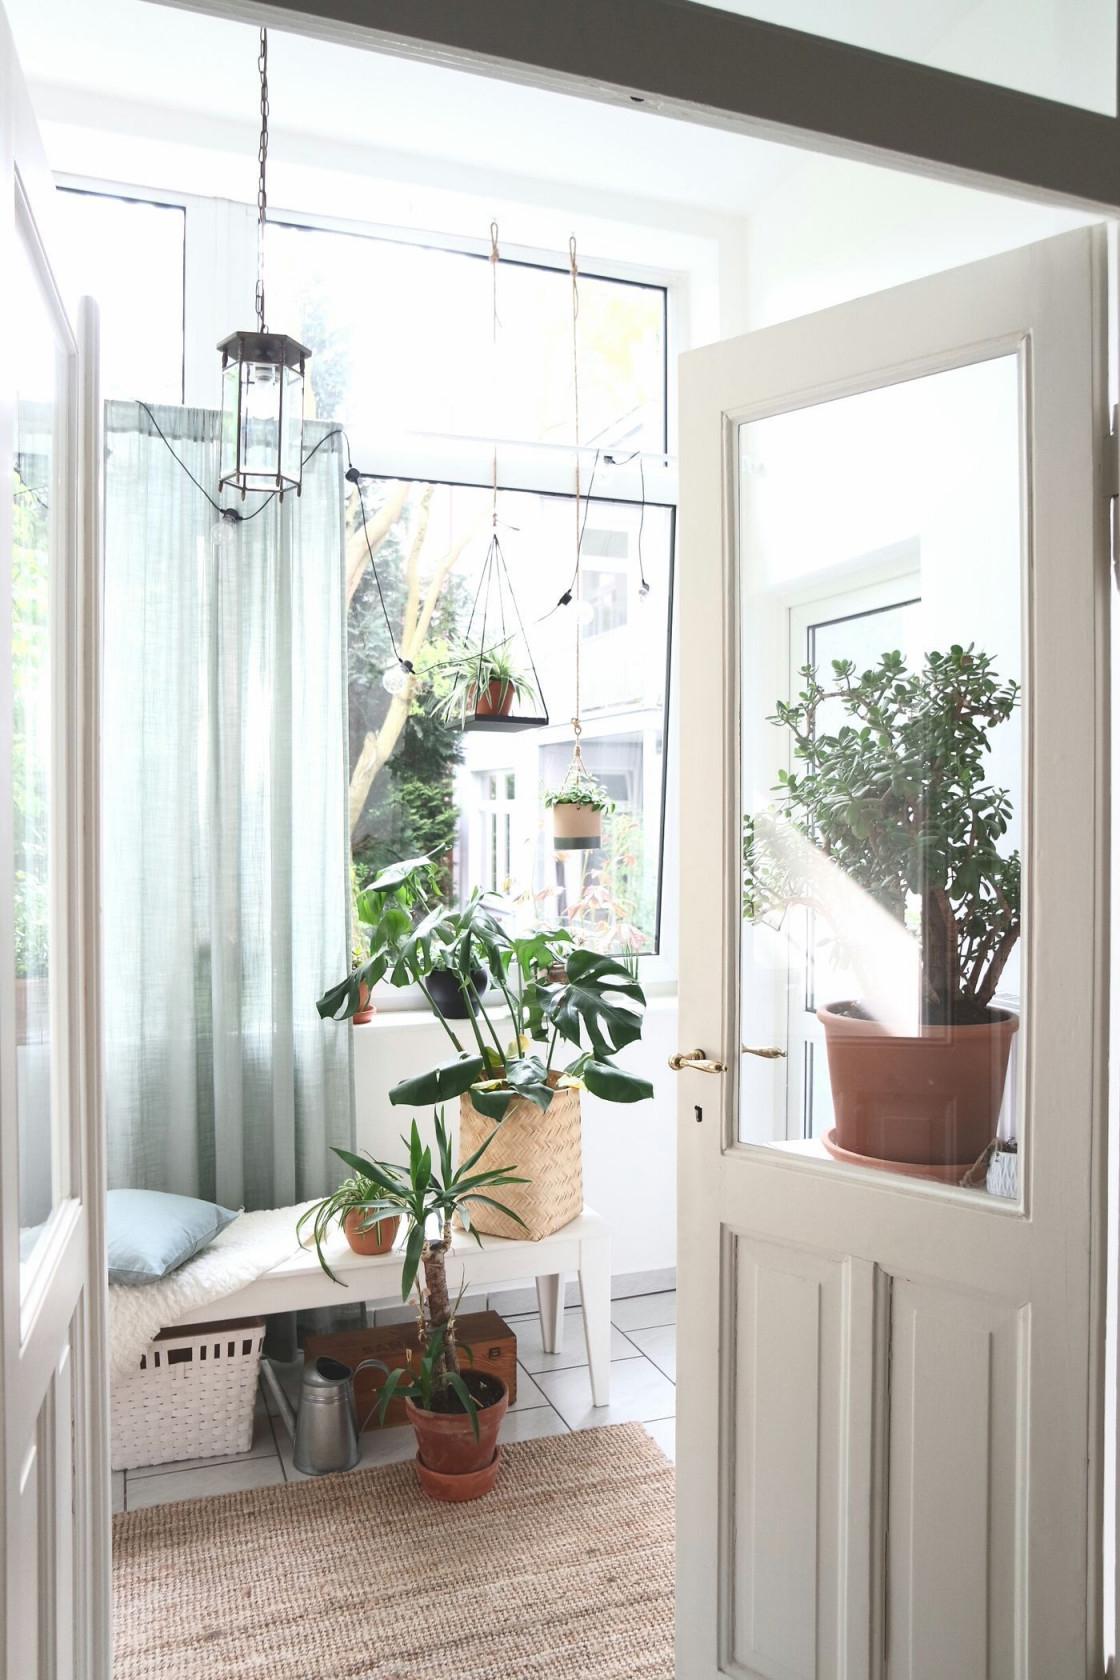 Die Schönsten Ideen Für Die Fensterbank  Fensterbrett Deko von Deko Fensterbank Wohnzimmer Photo